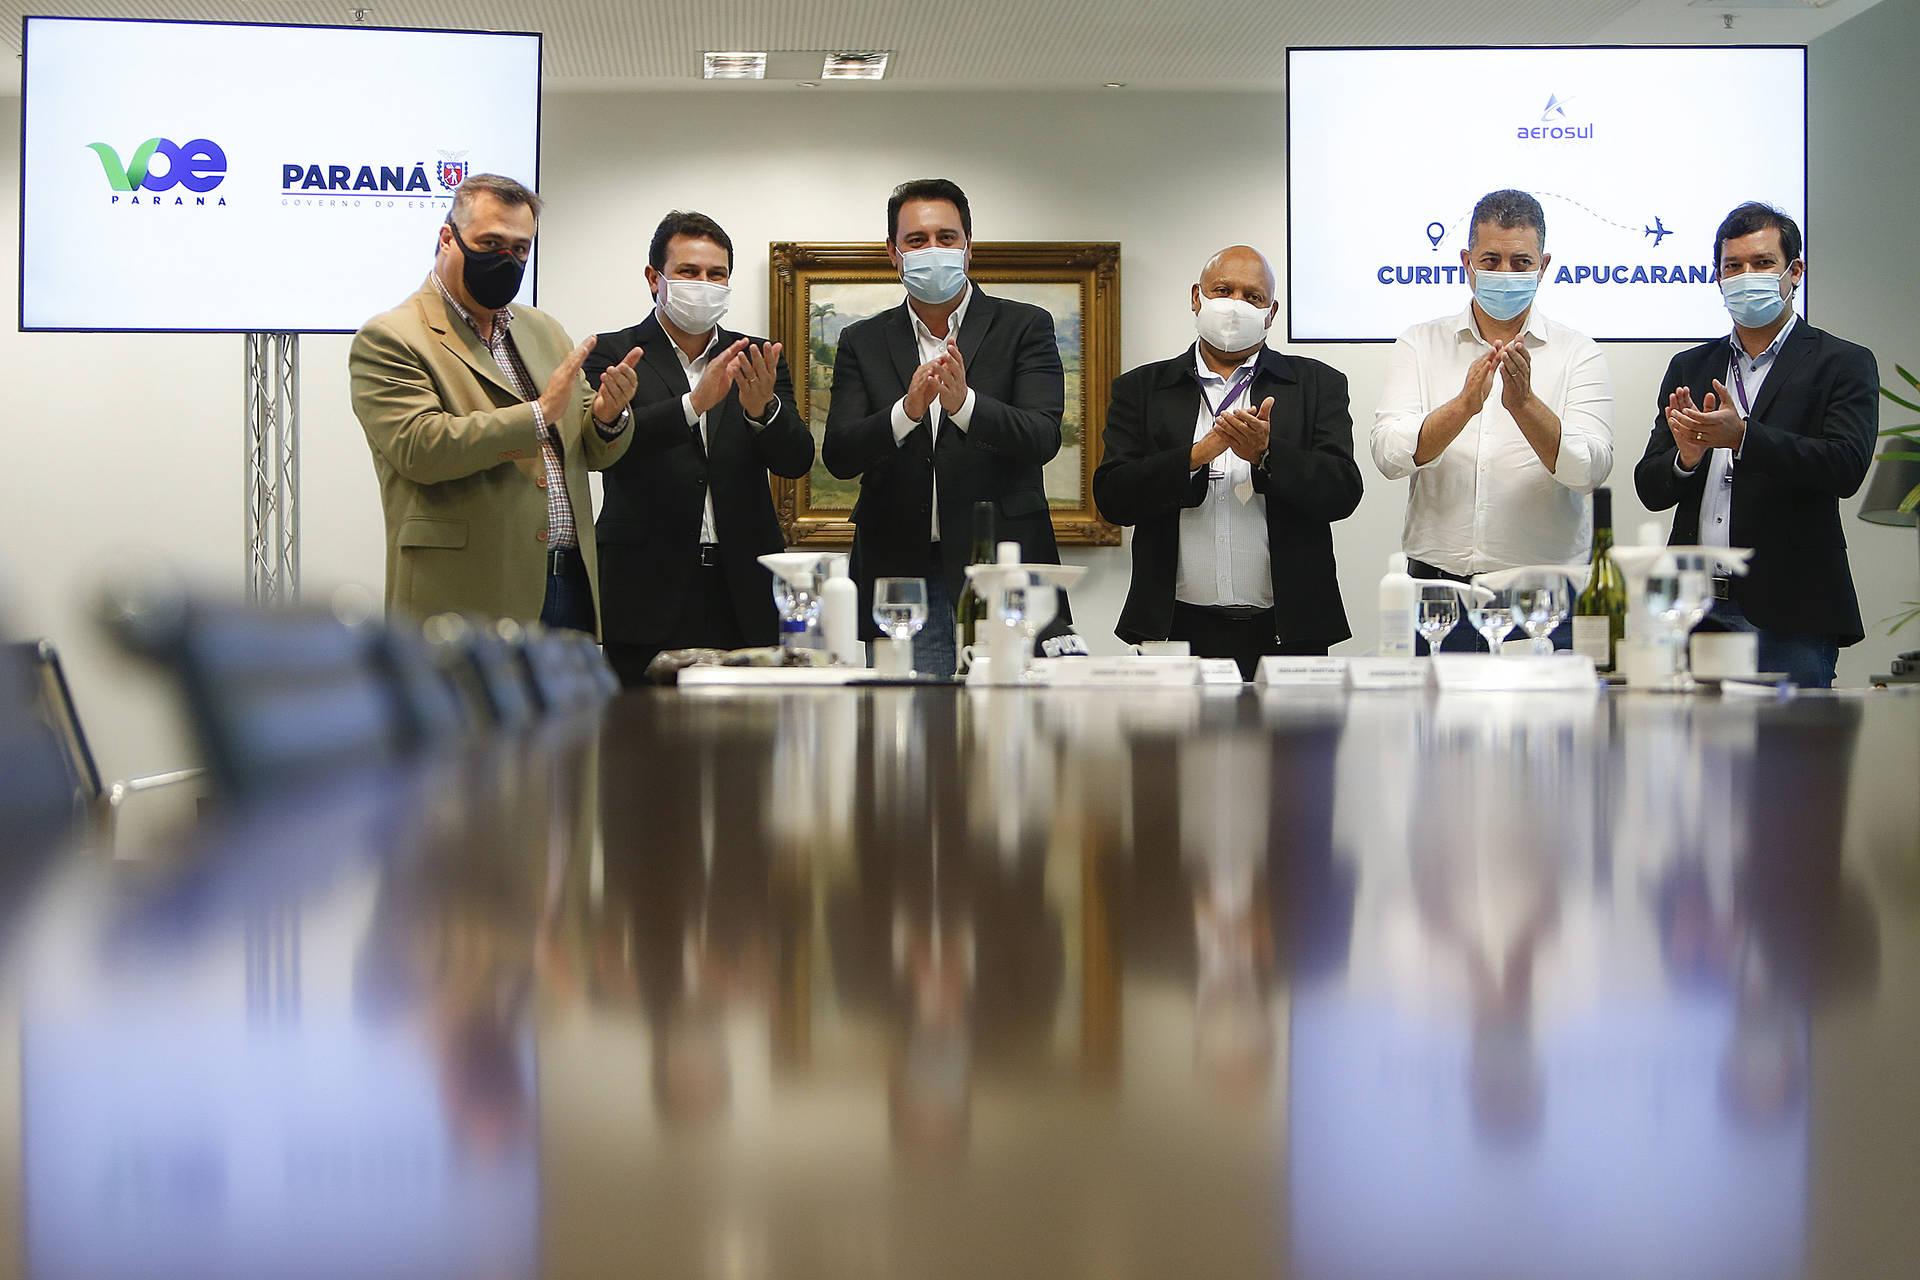 Governador confirma que o programa Voe Paraná retorna ainda em setembro